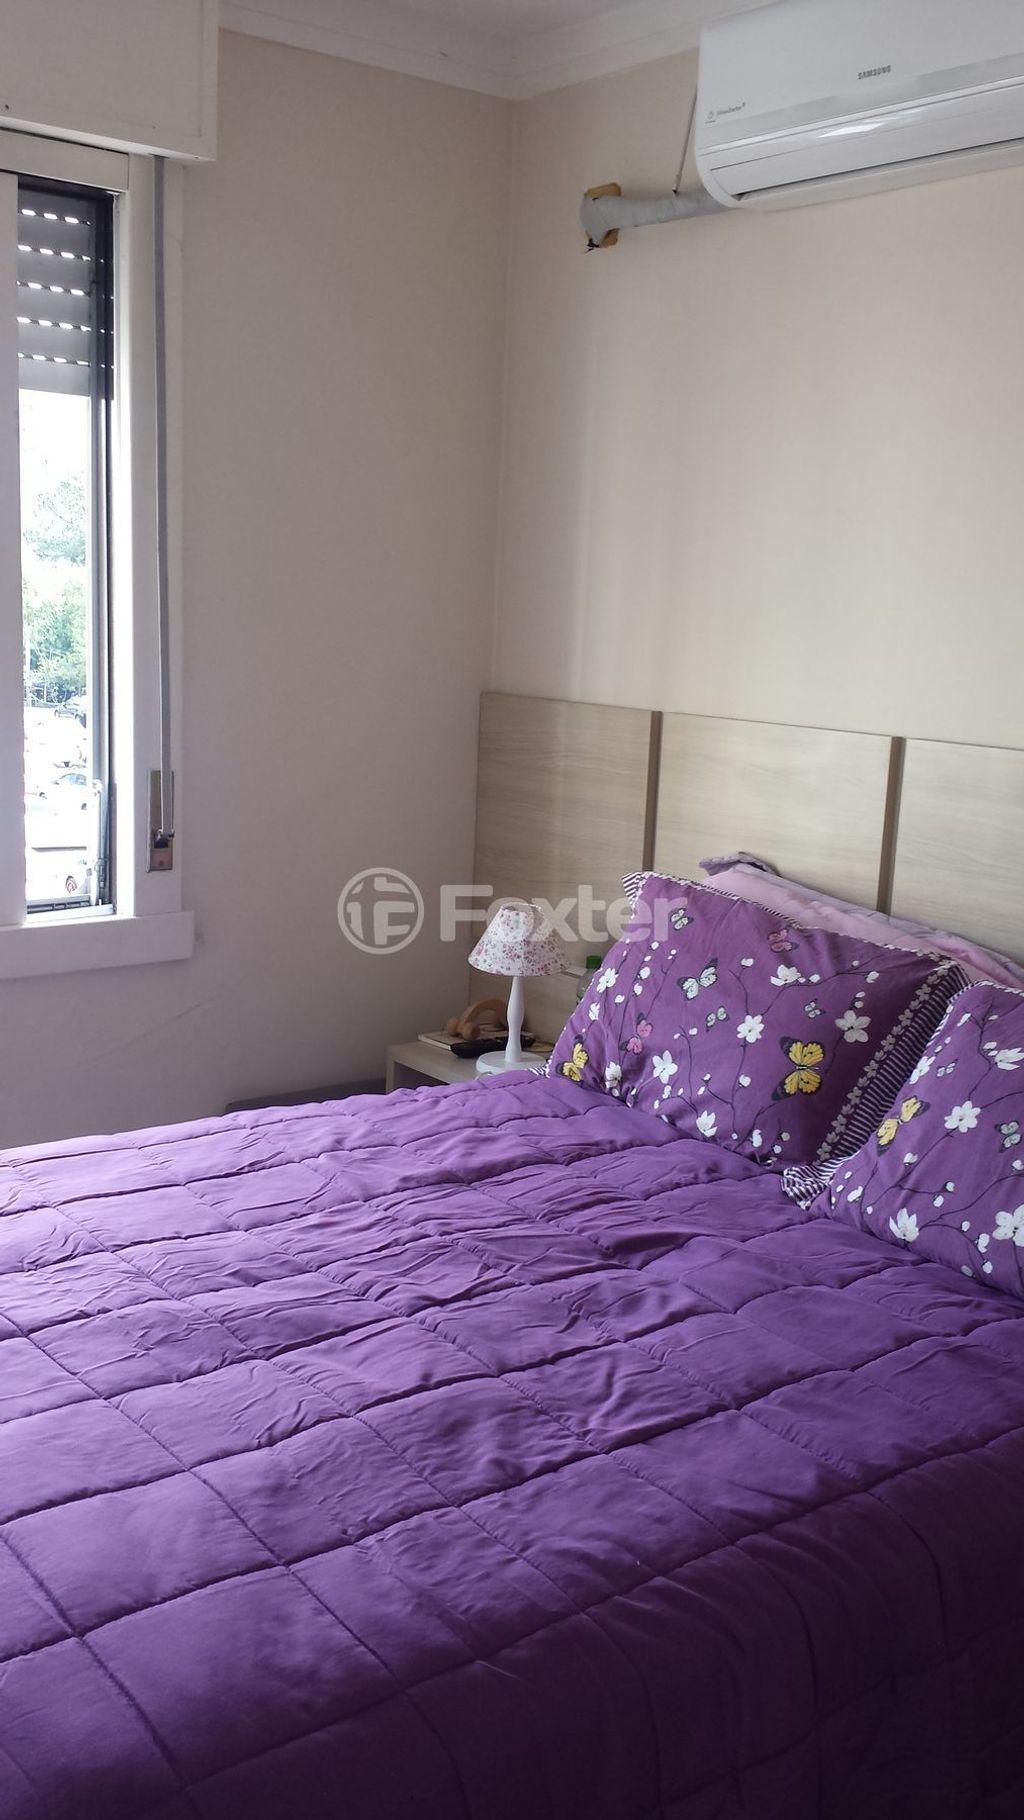 Foxter Imobiliária - Apto 1 Dorm, Santana (147398) - Foto 4